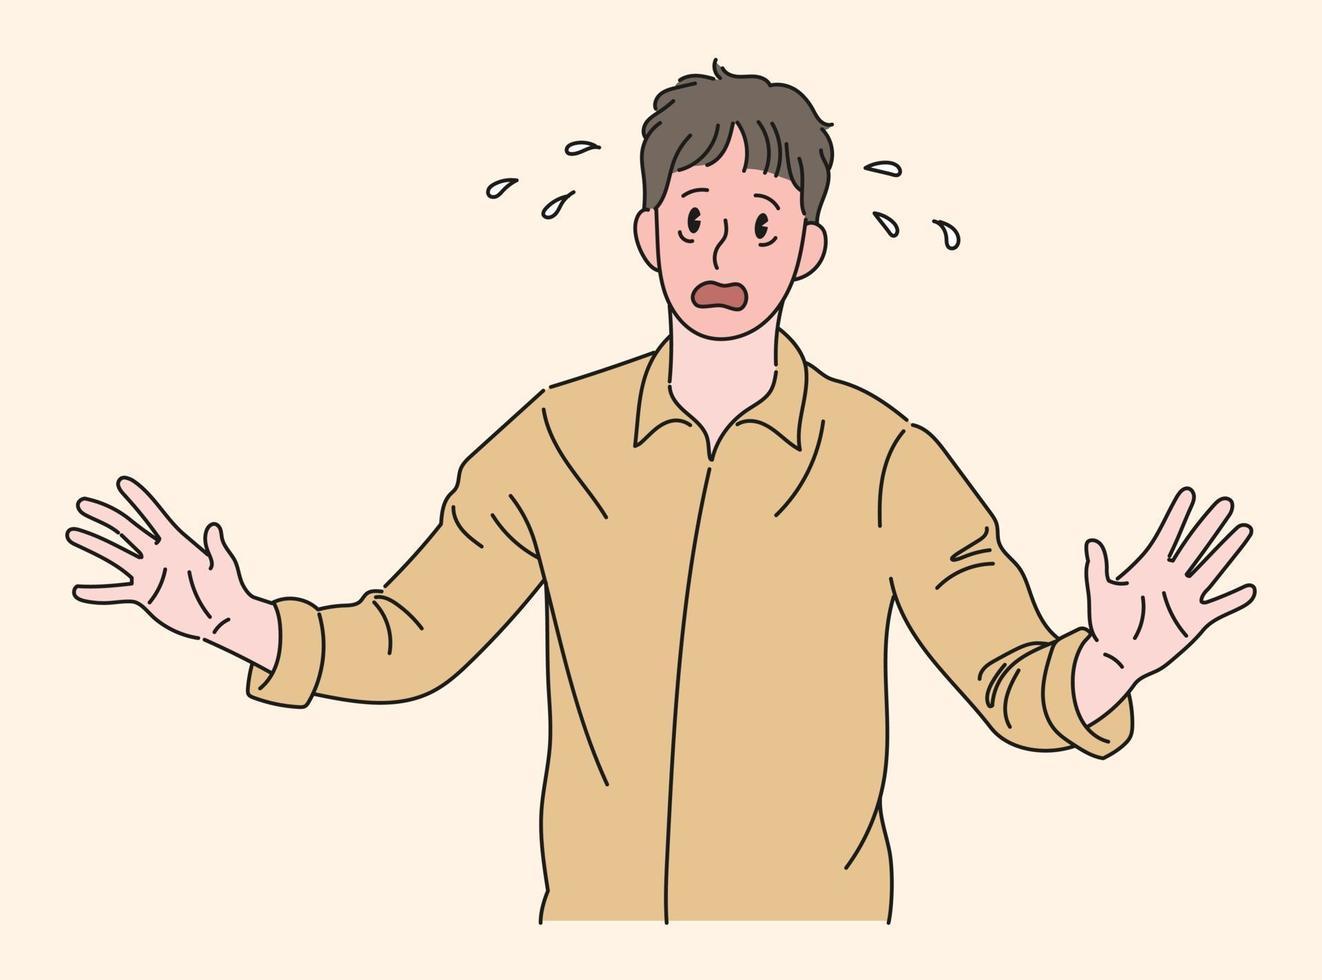 um homem tem uma expressão embaraçosa. mão desenhada estilo ilustrações vetoriais. vetor